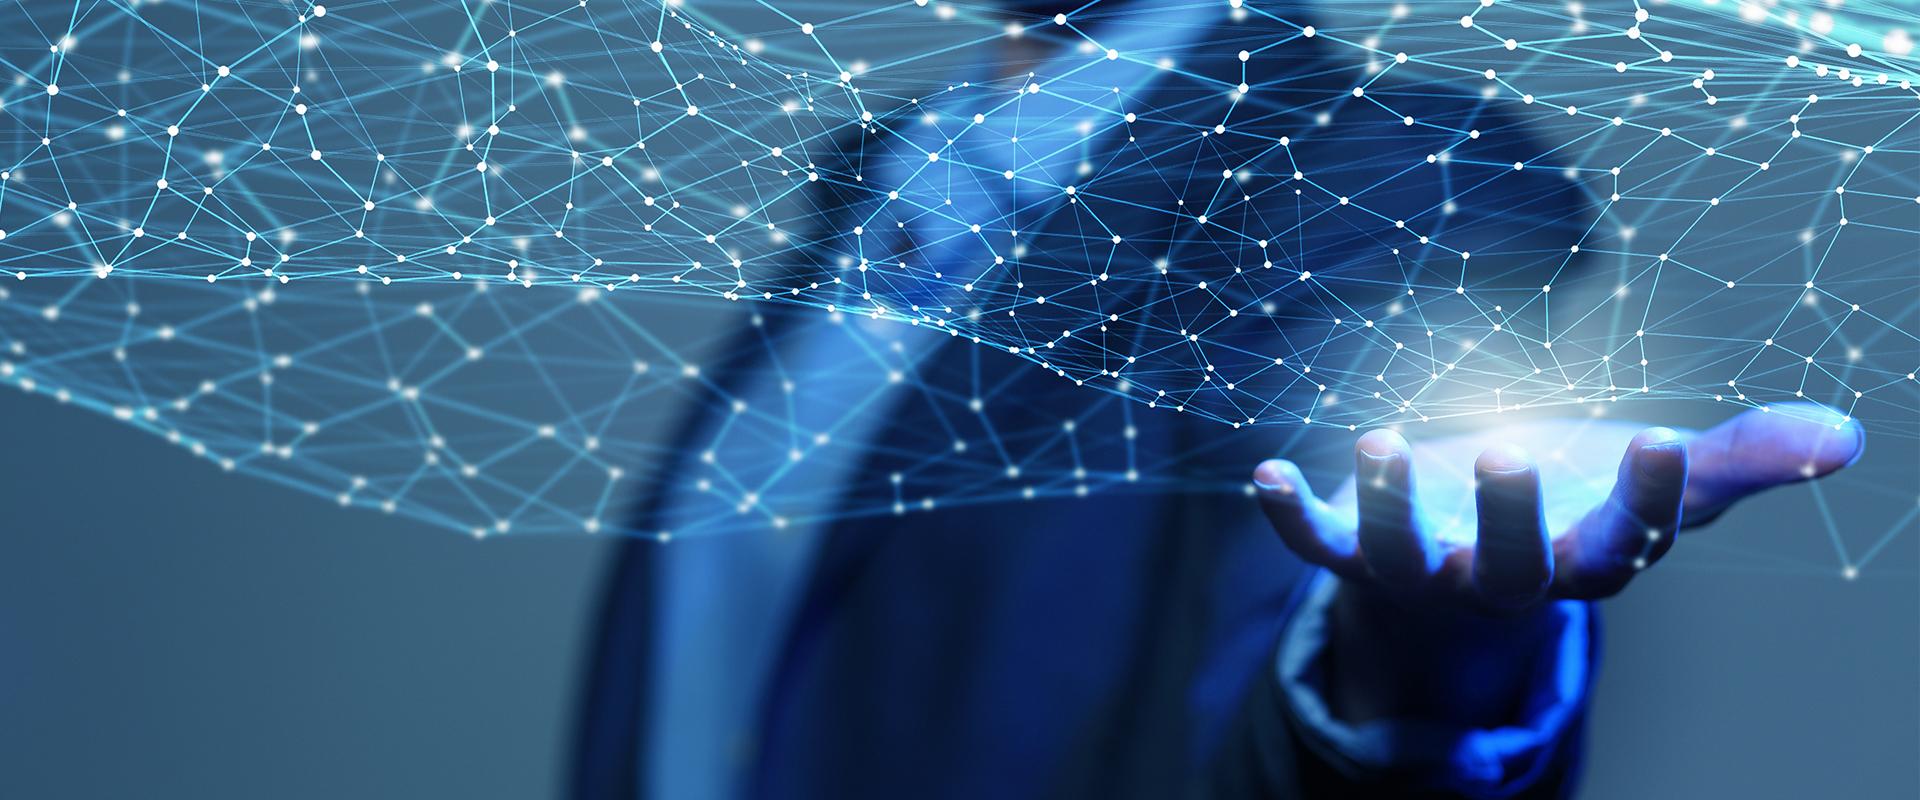 Serviços Empis - Desenvolvimento de Software e Assistência Técnica